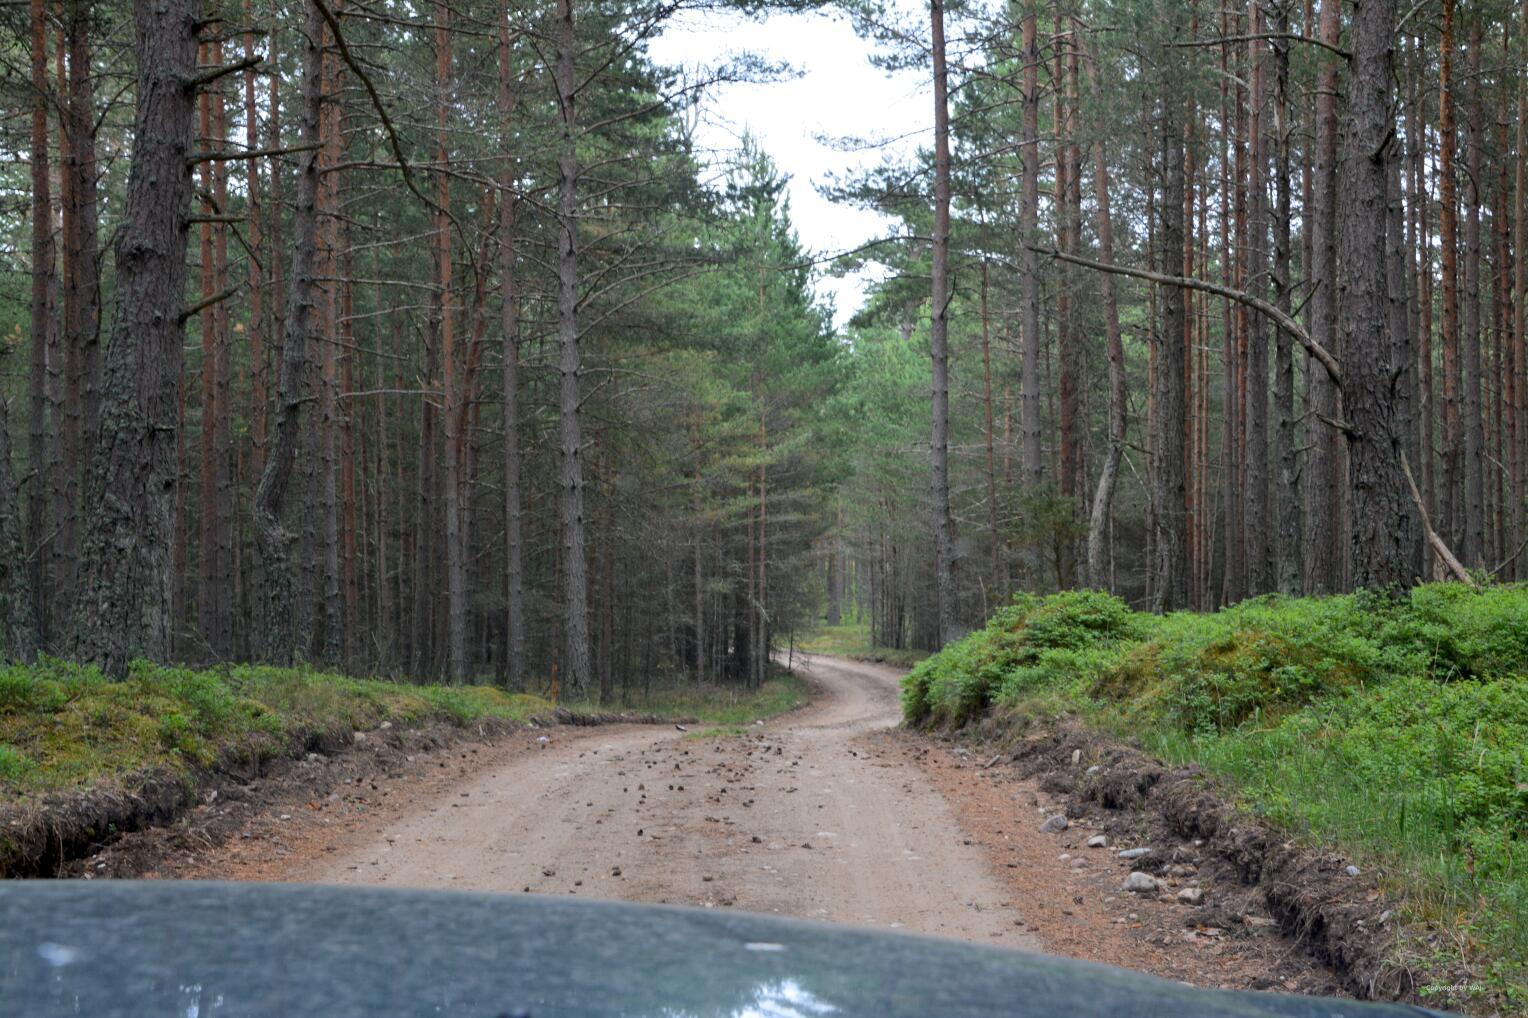 Wald, Wald und noch mehr Wald...